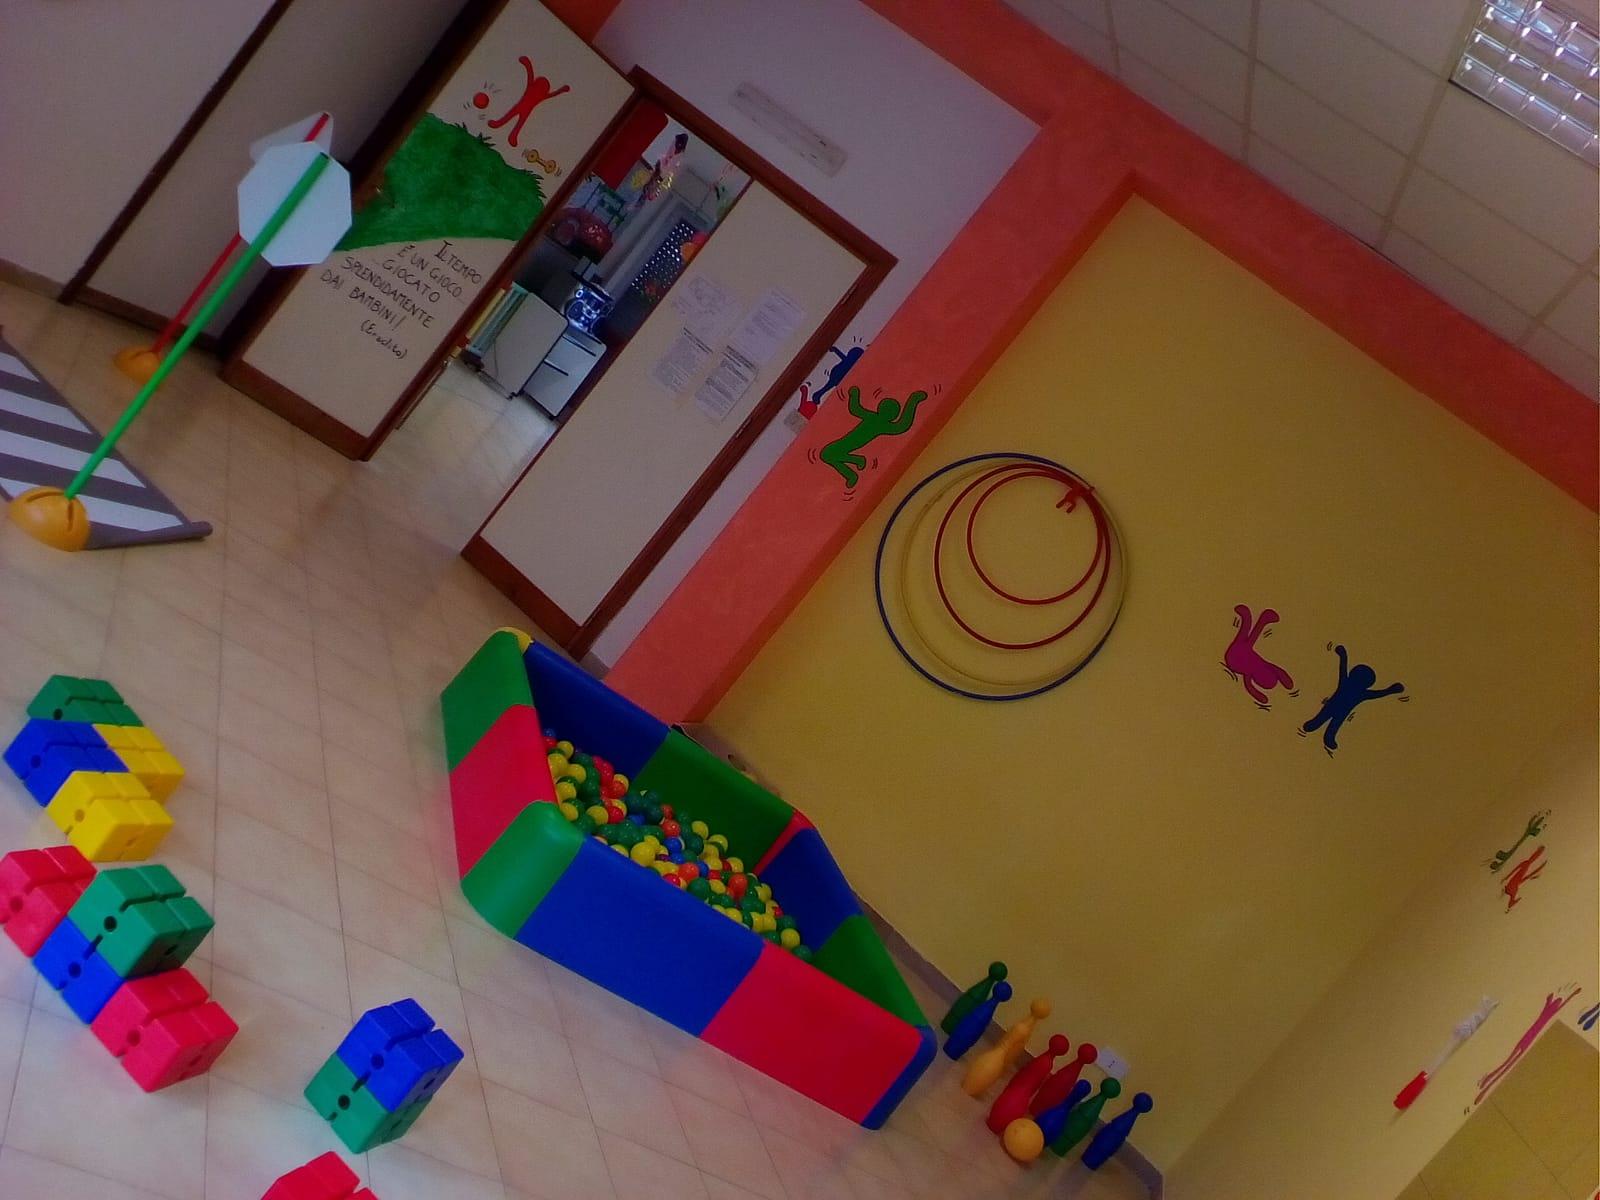 Aula scuola mezzojuso dedicata a Graziella Tantillo (3)